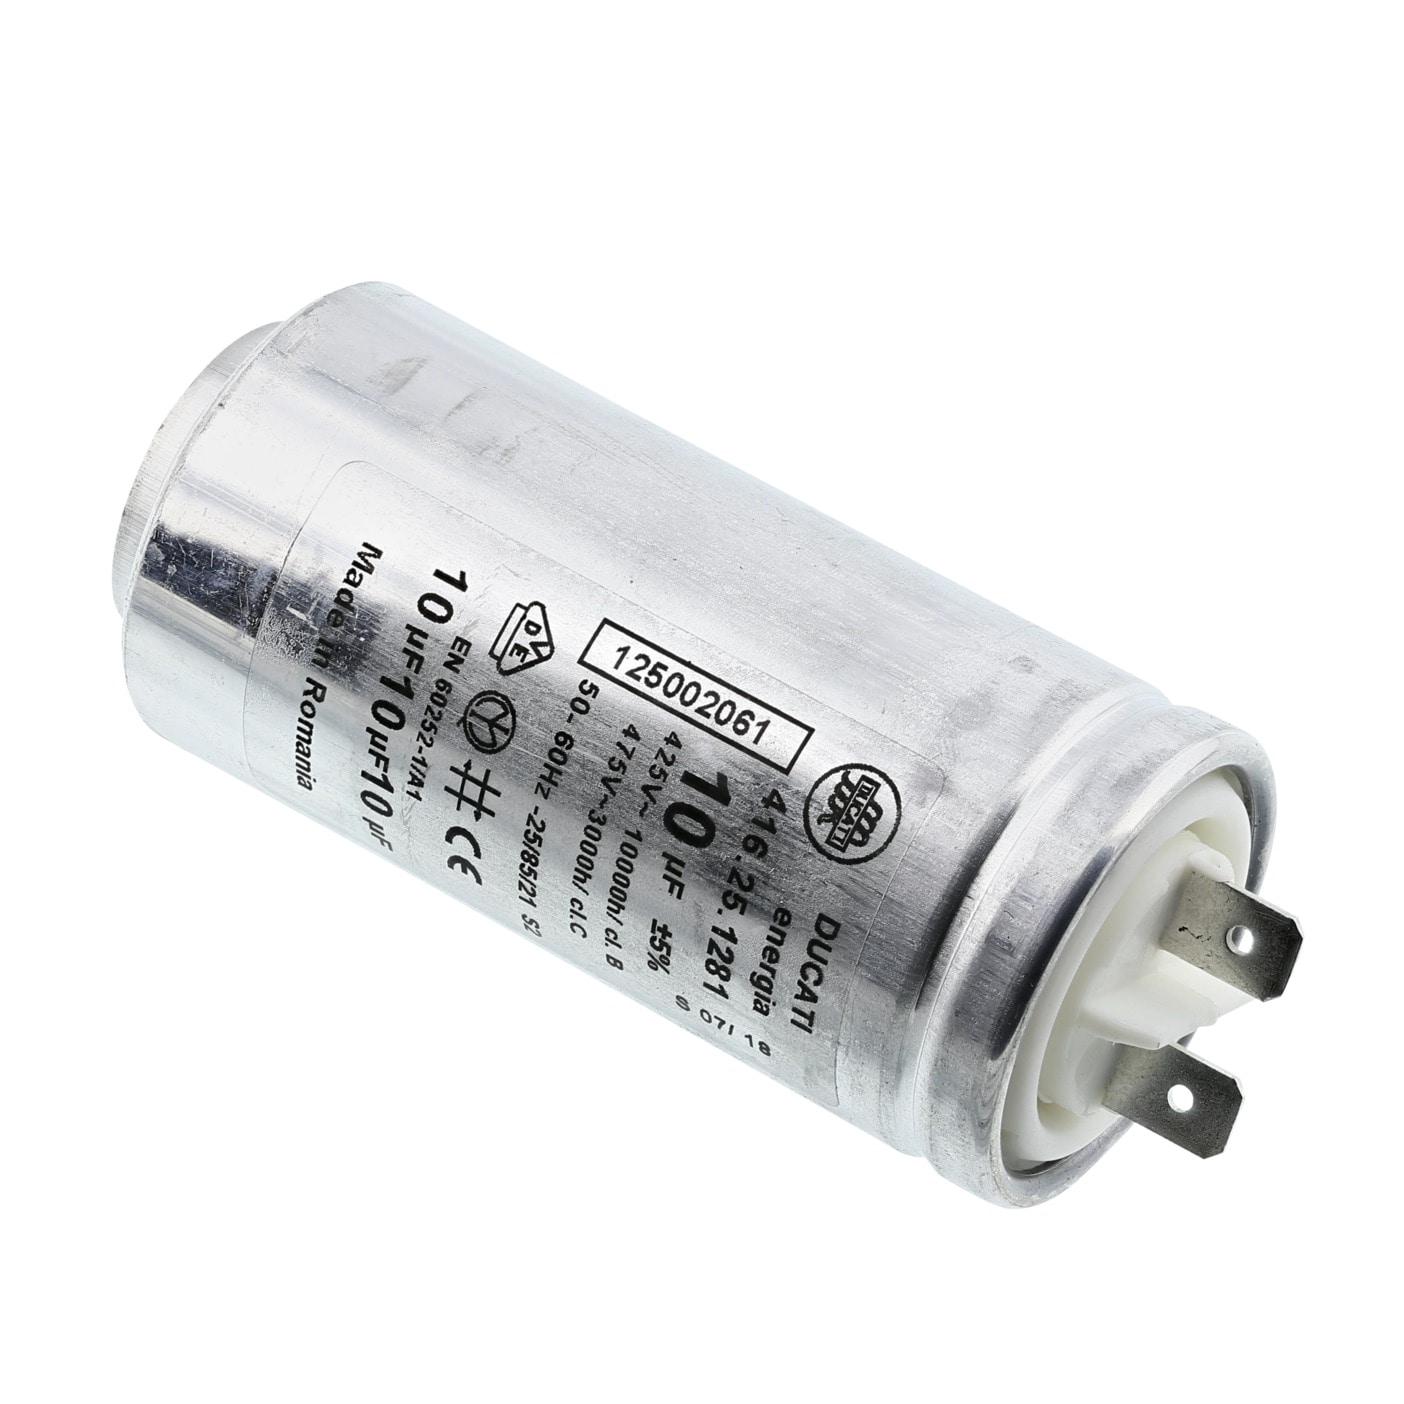 Betrieb 10uF 450V Ø35x65mm MIFLEX I150V610K-G10 Kondensator für Motoren